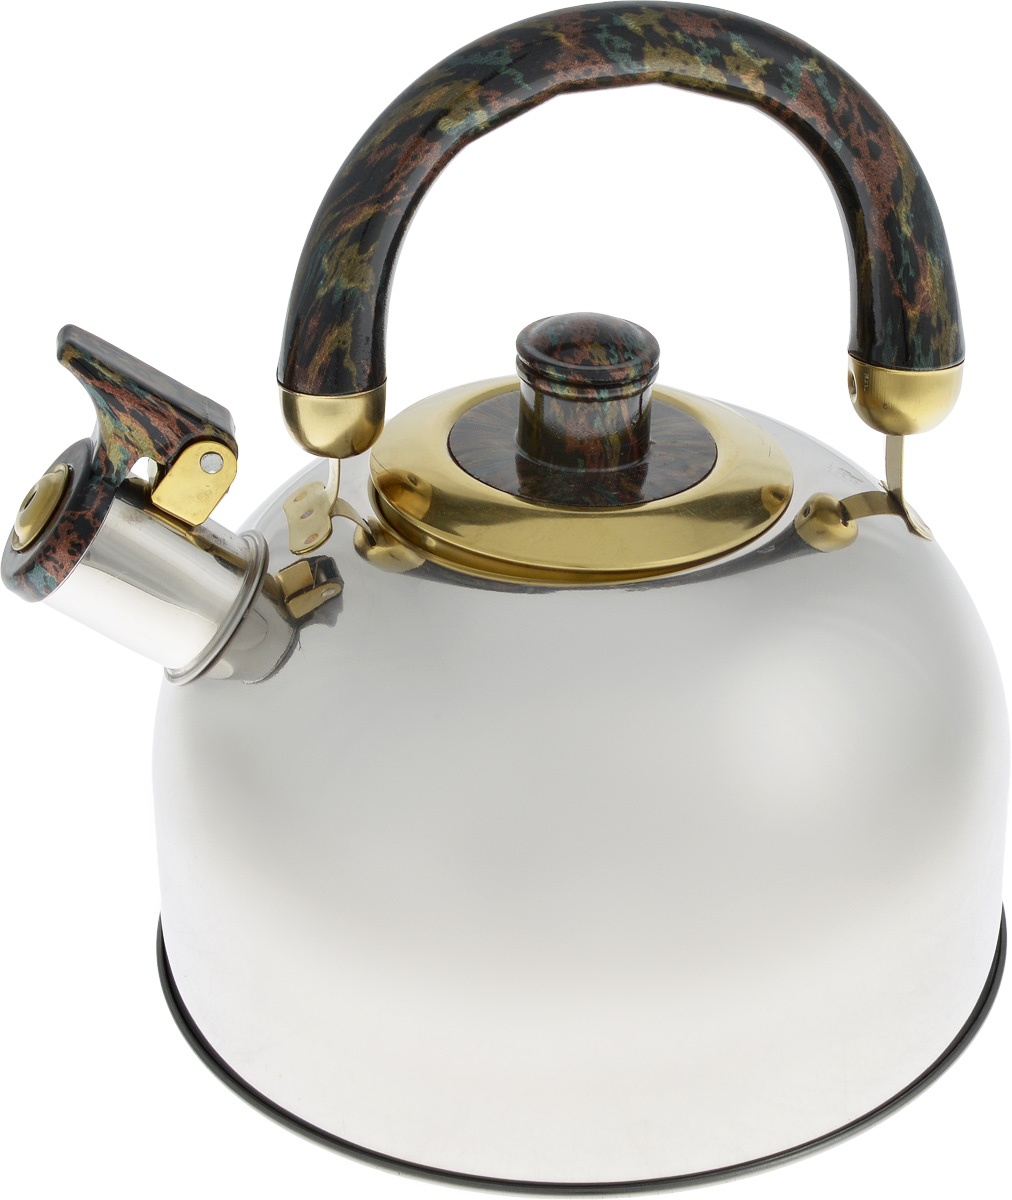 Чайник Bohmann, со свистком, 2,5 л68/5/3Чайник Bohmann изготовлен из нержавеющей хромоникелевой стали с зеркальной полировкой. Высококачественная сталь представляет собой материал, из которого в течение нескольких десятилетий во всем мире производятся столовые приборы, кухонные инструменты и различные аксессуары. Этот материал обладает высокой стойкостью к коррозии и кислотам. Прочность, долговечность и надежность этого материала, а также первоклассная обработка обеспечивают практически неограниченный запас прочности и неизменно привлекательный внешний вид. Чайник оснащен удобной ручкой из бакелита. Ручка не нагревается, что предотвращает появление ожогов и обеспечивает безопасность использования. Носик чайника имеет откидной свисток для определения кипения. Можно использовать на всех типах плит, включая индукционные. Можно мыть в посудомоечной машине. Диаметр (по верхнему краю): 8,5 см.Высота чайника (без учета ручки): 12 см.Высота чайника (с учетом ручки): 20,5 см.Диаметр основания: 12 см.